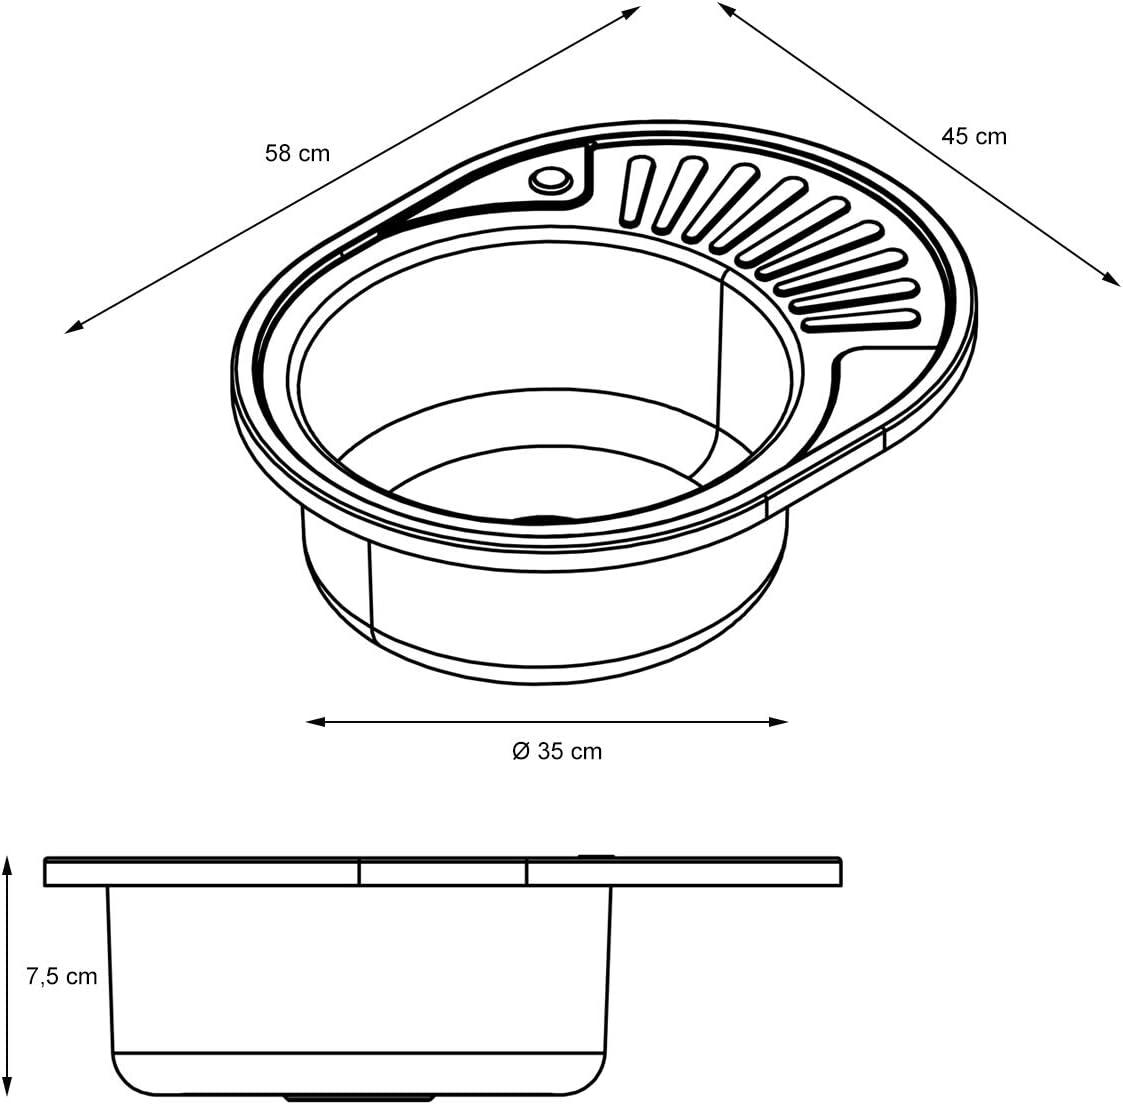 acero inoxidable ECD Germany Fregadero de cocina 58 x 45 cm con juego de desag/üe lavabo a la izquierda con sif/ón pila lavadero platos manual empotrado con rebosadero soporte a la derecha